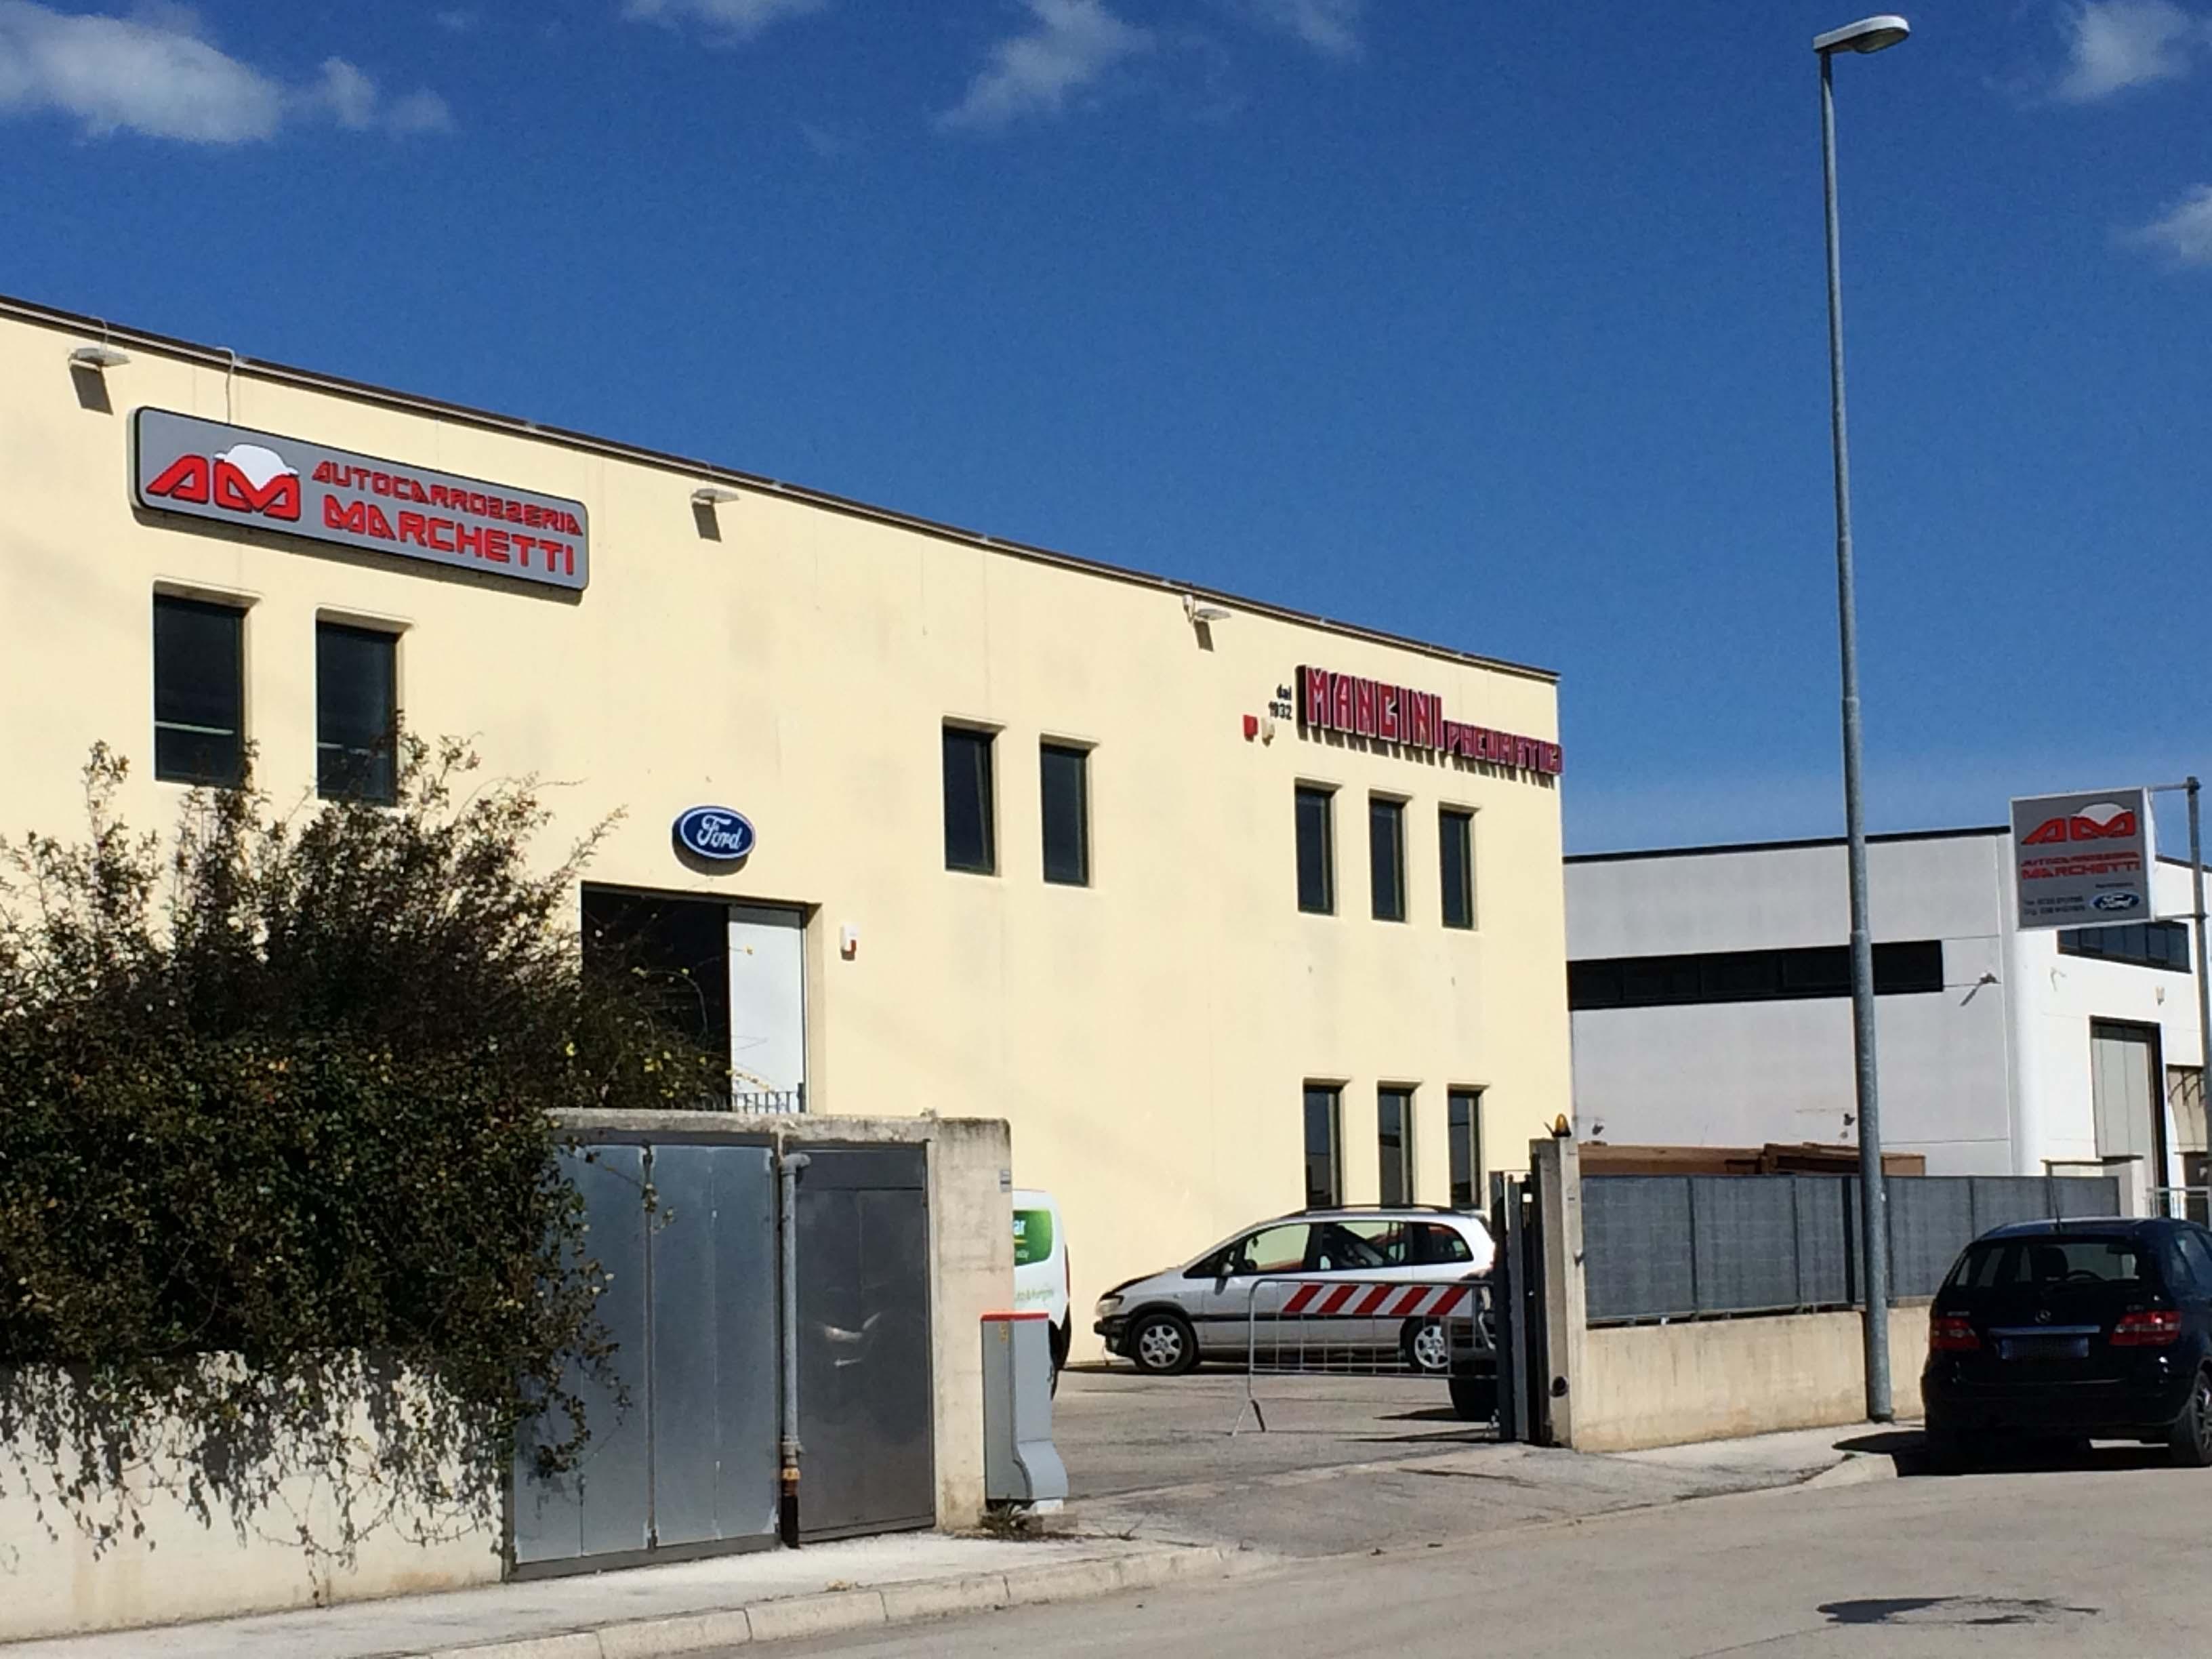 Assistenza auto Autocarrozzeria Marchetti